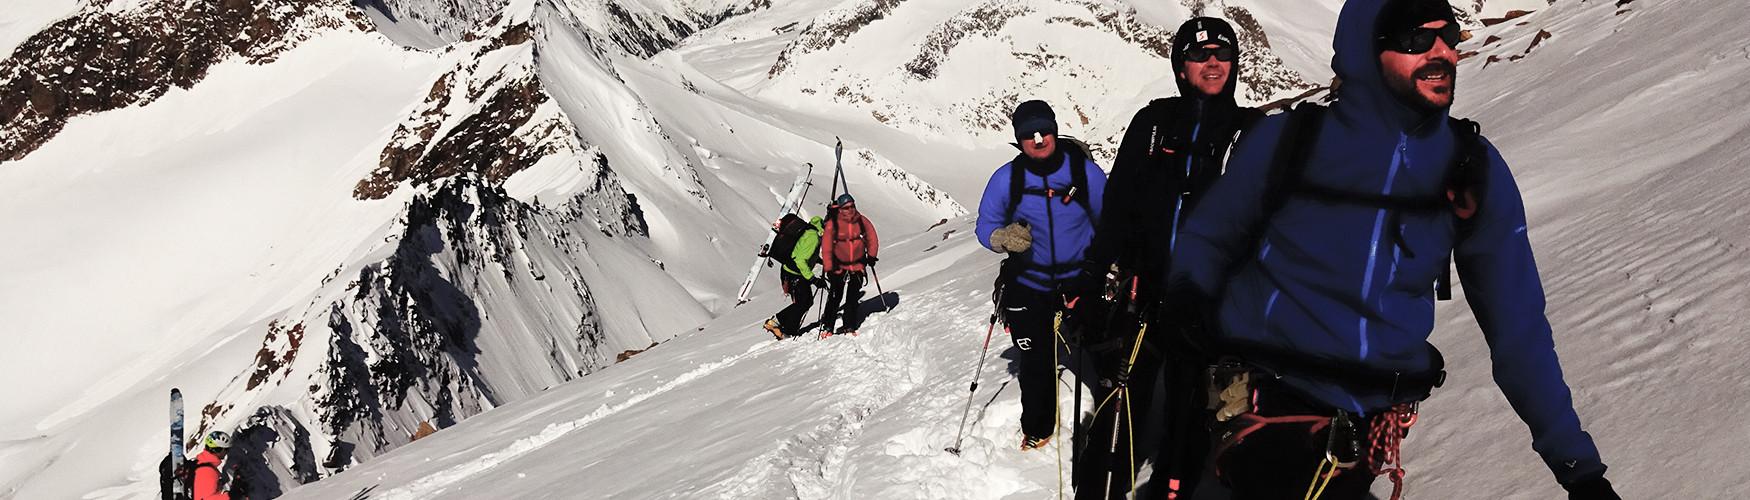 Skidurchquerung Tirol Österreich Bergführer